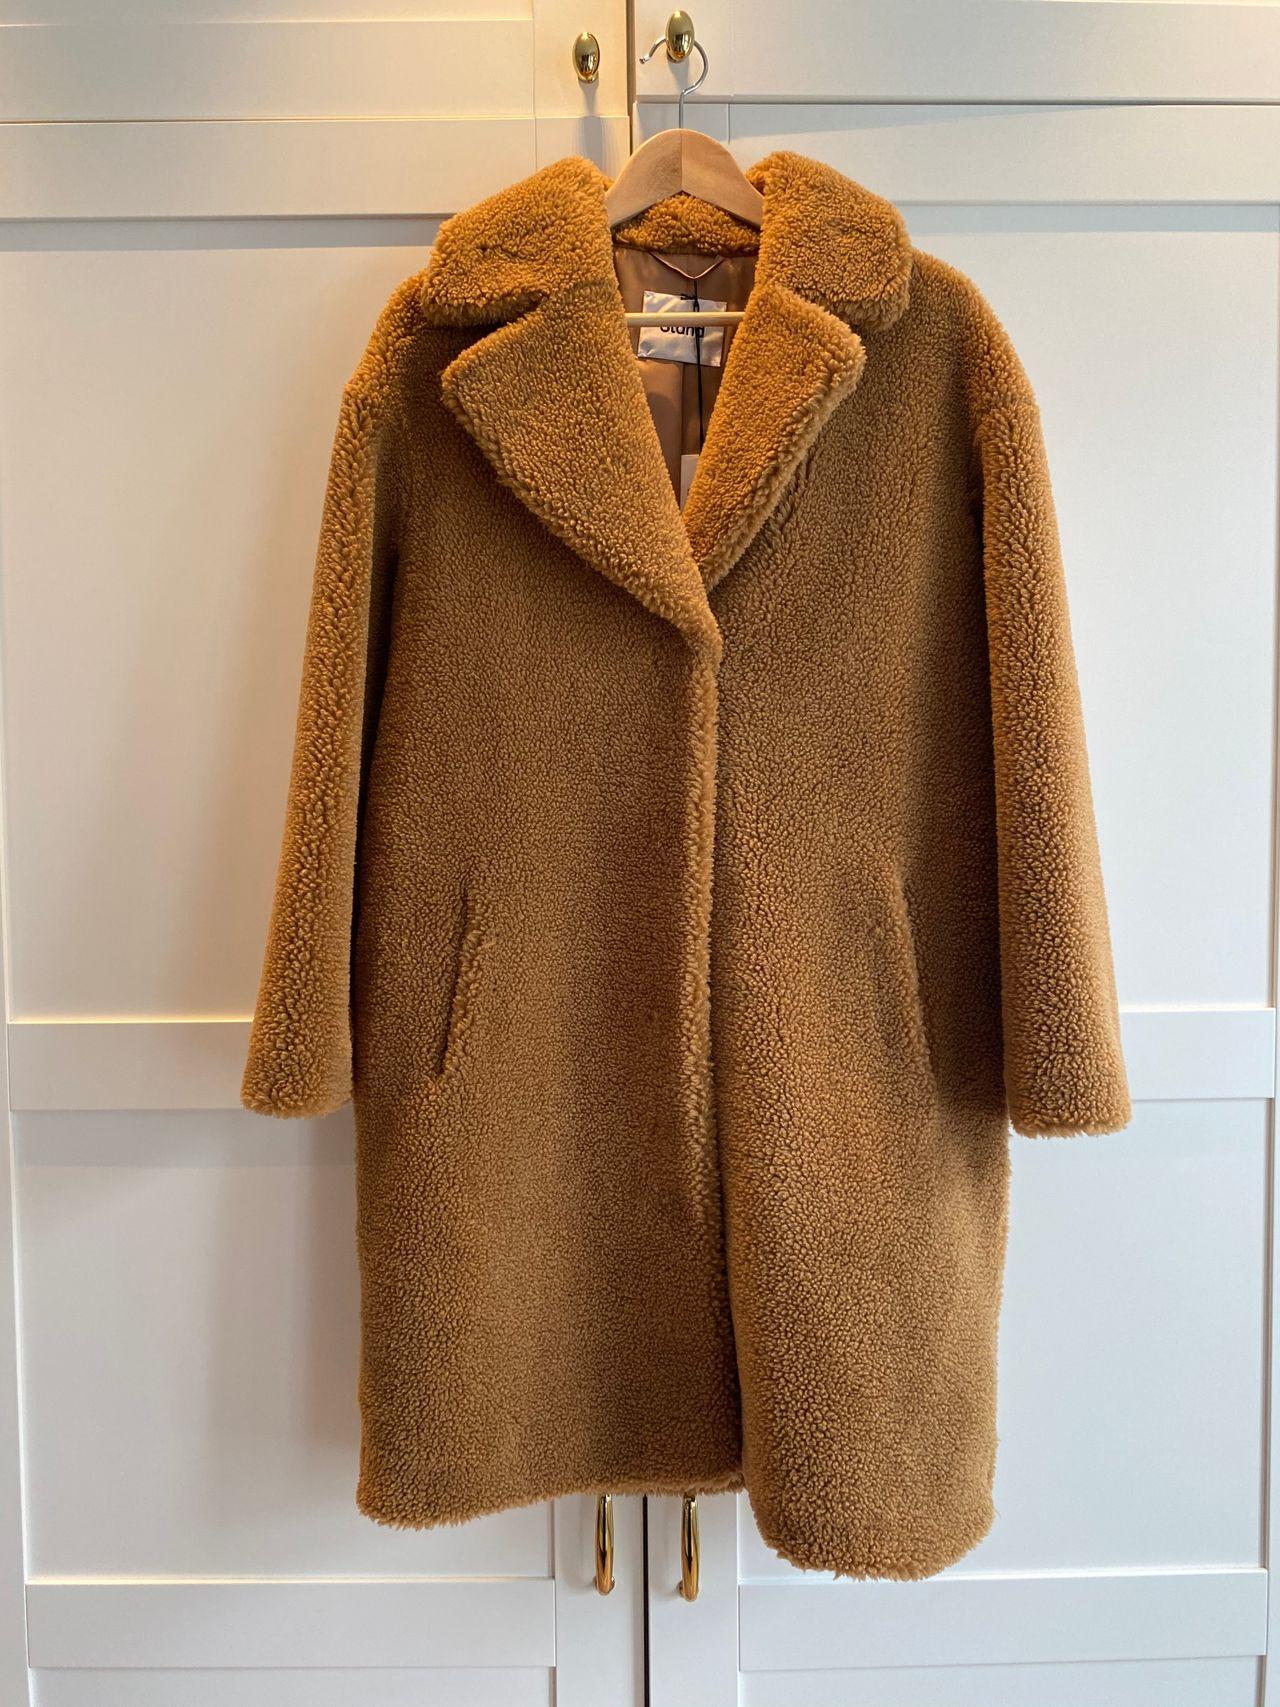 Camille Cocoon Coat (Beige) (3700 kr) Stand Studio